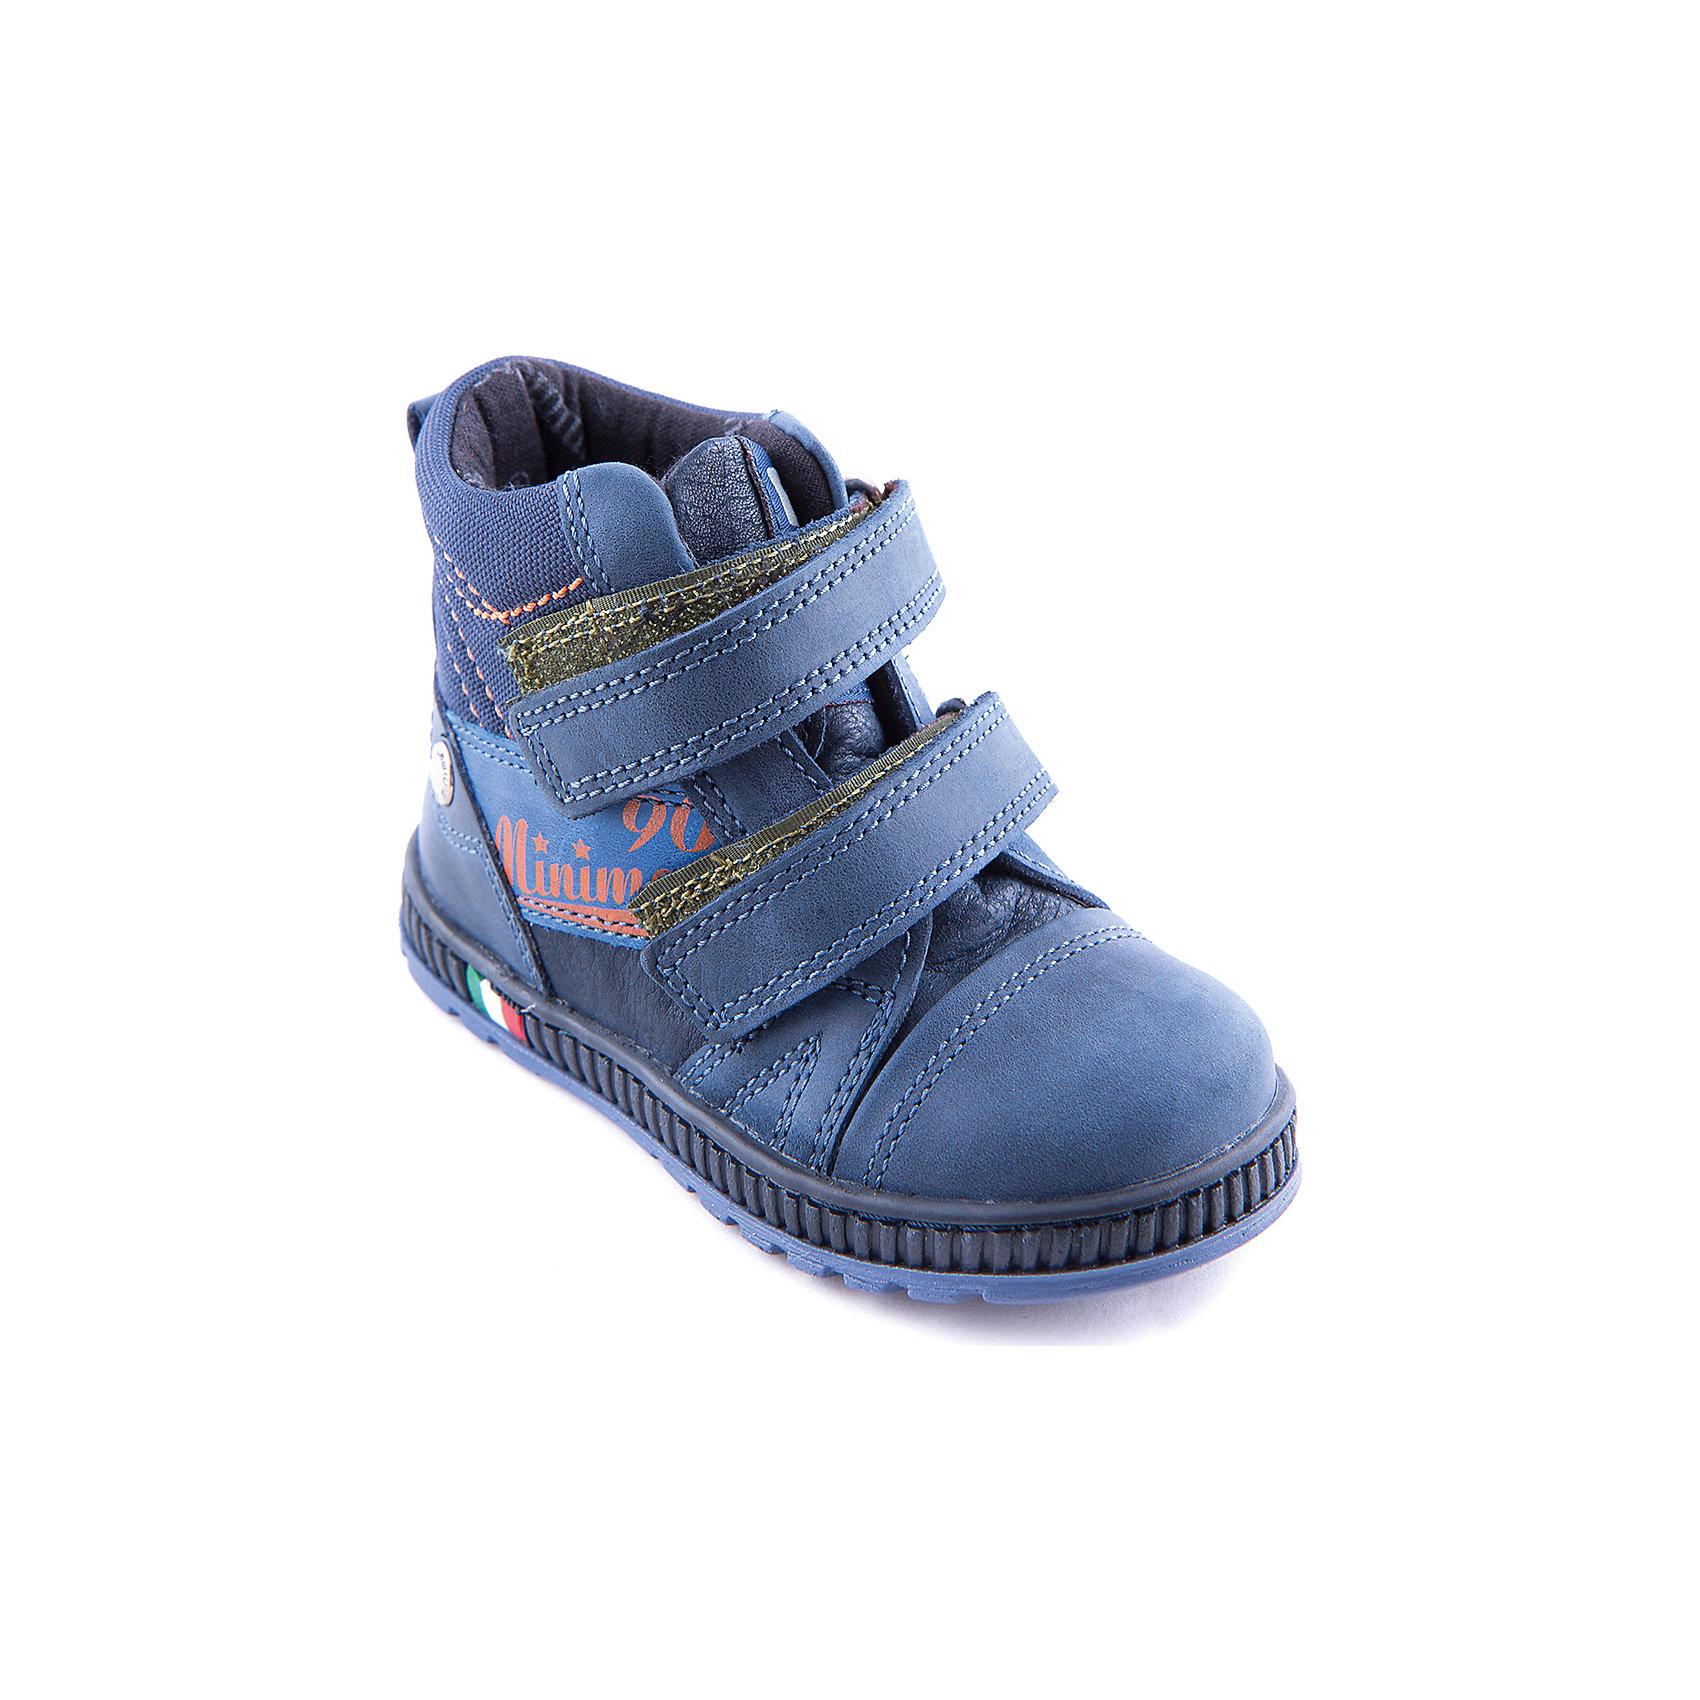 Ботинки для мальчика MinimenМодные демисезонные ботинки для мальчика от известного бренда Minimen. Изделие предназначено для использования в сухую погоду при температуре воздуха выше +5 градусов и обладает следующими особенностями:<br>- темно-синий цвет, эффектный дизайн;<br>- 2 ремешка с велкро;<br>- усиленный противоударный мыс;<br>- укрепленный задник надежно фиксирует пятку;<br>- мягкий верхний задник предотвращает скольжение ступни;<br>- теплая текстильная подкладка;<br>- съемная стелька с супинатором;<br>- легкая нескользящая подошва.<br>Отличная обувь для любимых ножек!<br><br>Дополнительная информация:<br>- Температурный режим: выше +5 градусов<br>- Состав: <br>Материал верха: натуральная кожа  <br>Материал подкладки: текстиль<br><br>Ботинки для мальчика Minimen (Минимен) можно купить в нашем магазине<br><br>Ширина мм: 262<br>Глубина мм: 176<br>Высота мм: 97<br>Вес г: 427<br>Цвет: синий<br>Возраст от месяцев: 24<br>Возраст до месяцев: 24<br>Пол: Мужской<br>Возраст: Детский<br>Размер: 22,23,24,27,29,30,28,21,25,20,26<br>SKU: 4005960